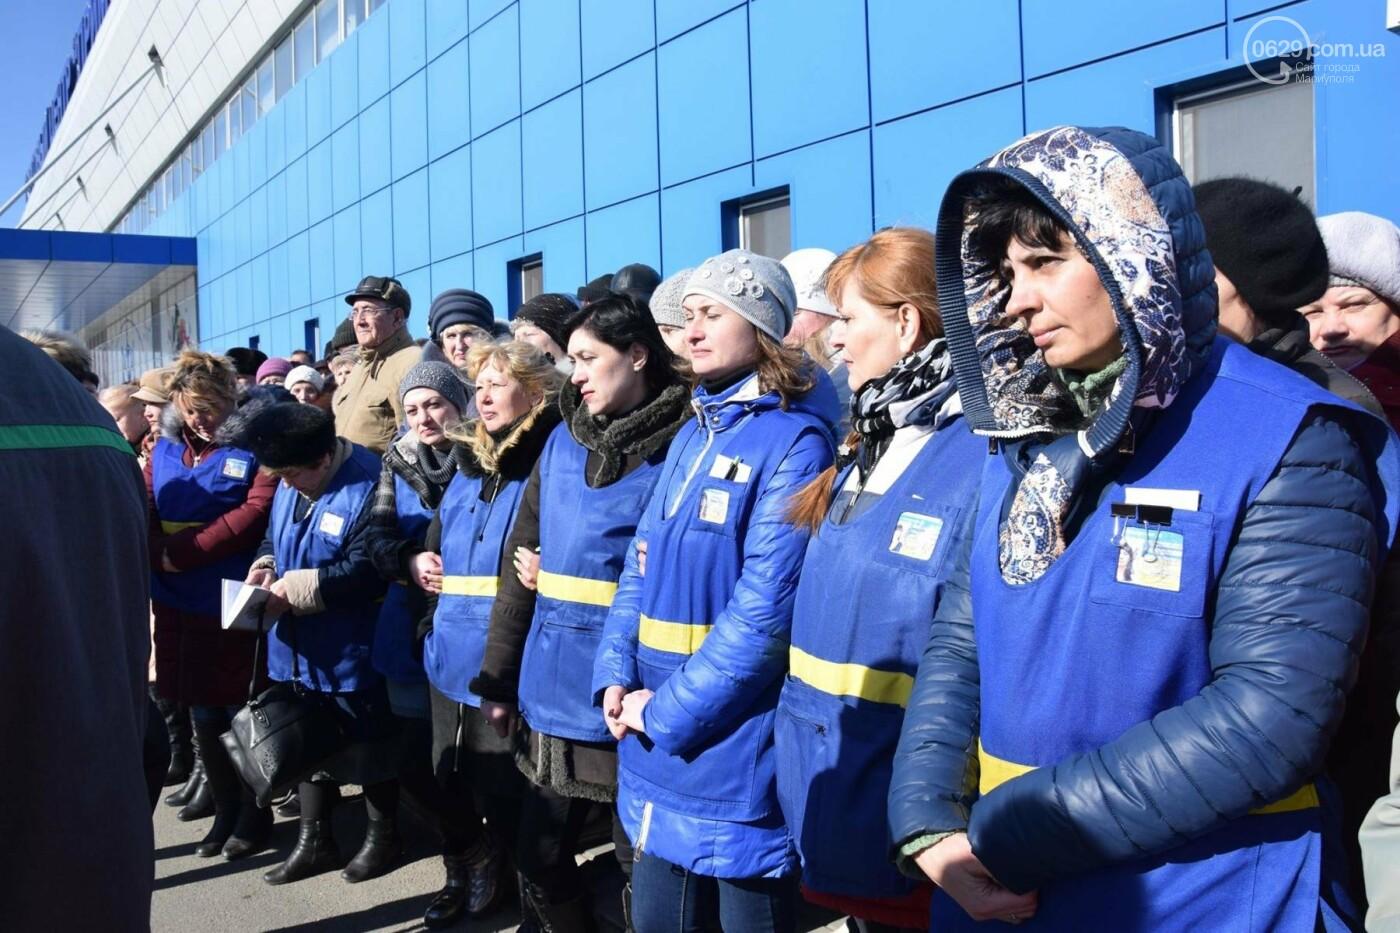 """В Мариуполе из МКР """"Черемушки"""" и поселка Моряков запустили два новых автобусных маршрута (ФОТО, ВИДЕО), фото-14"""